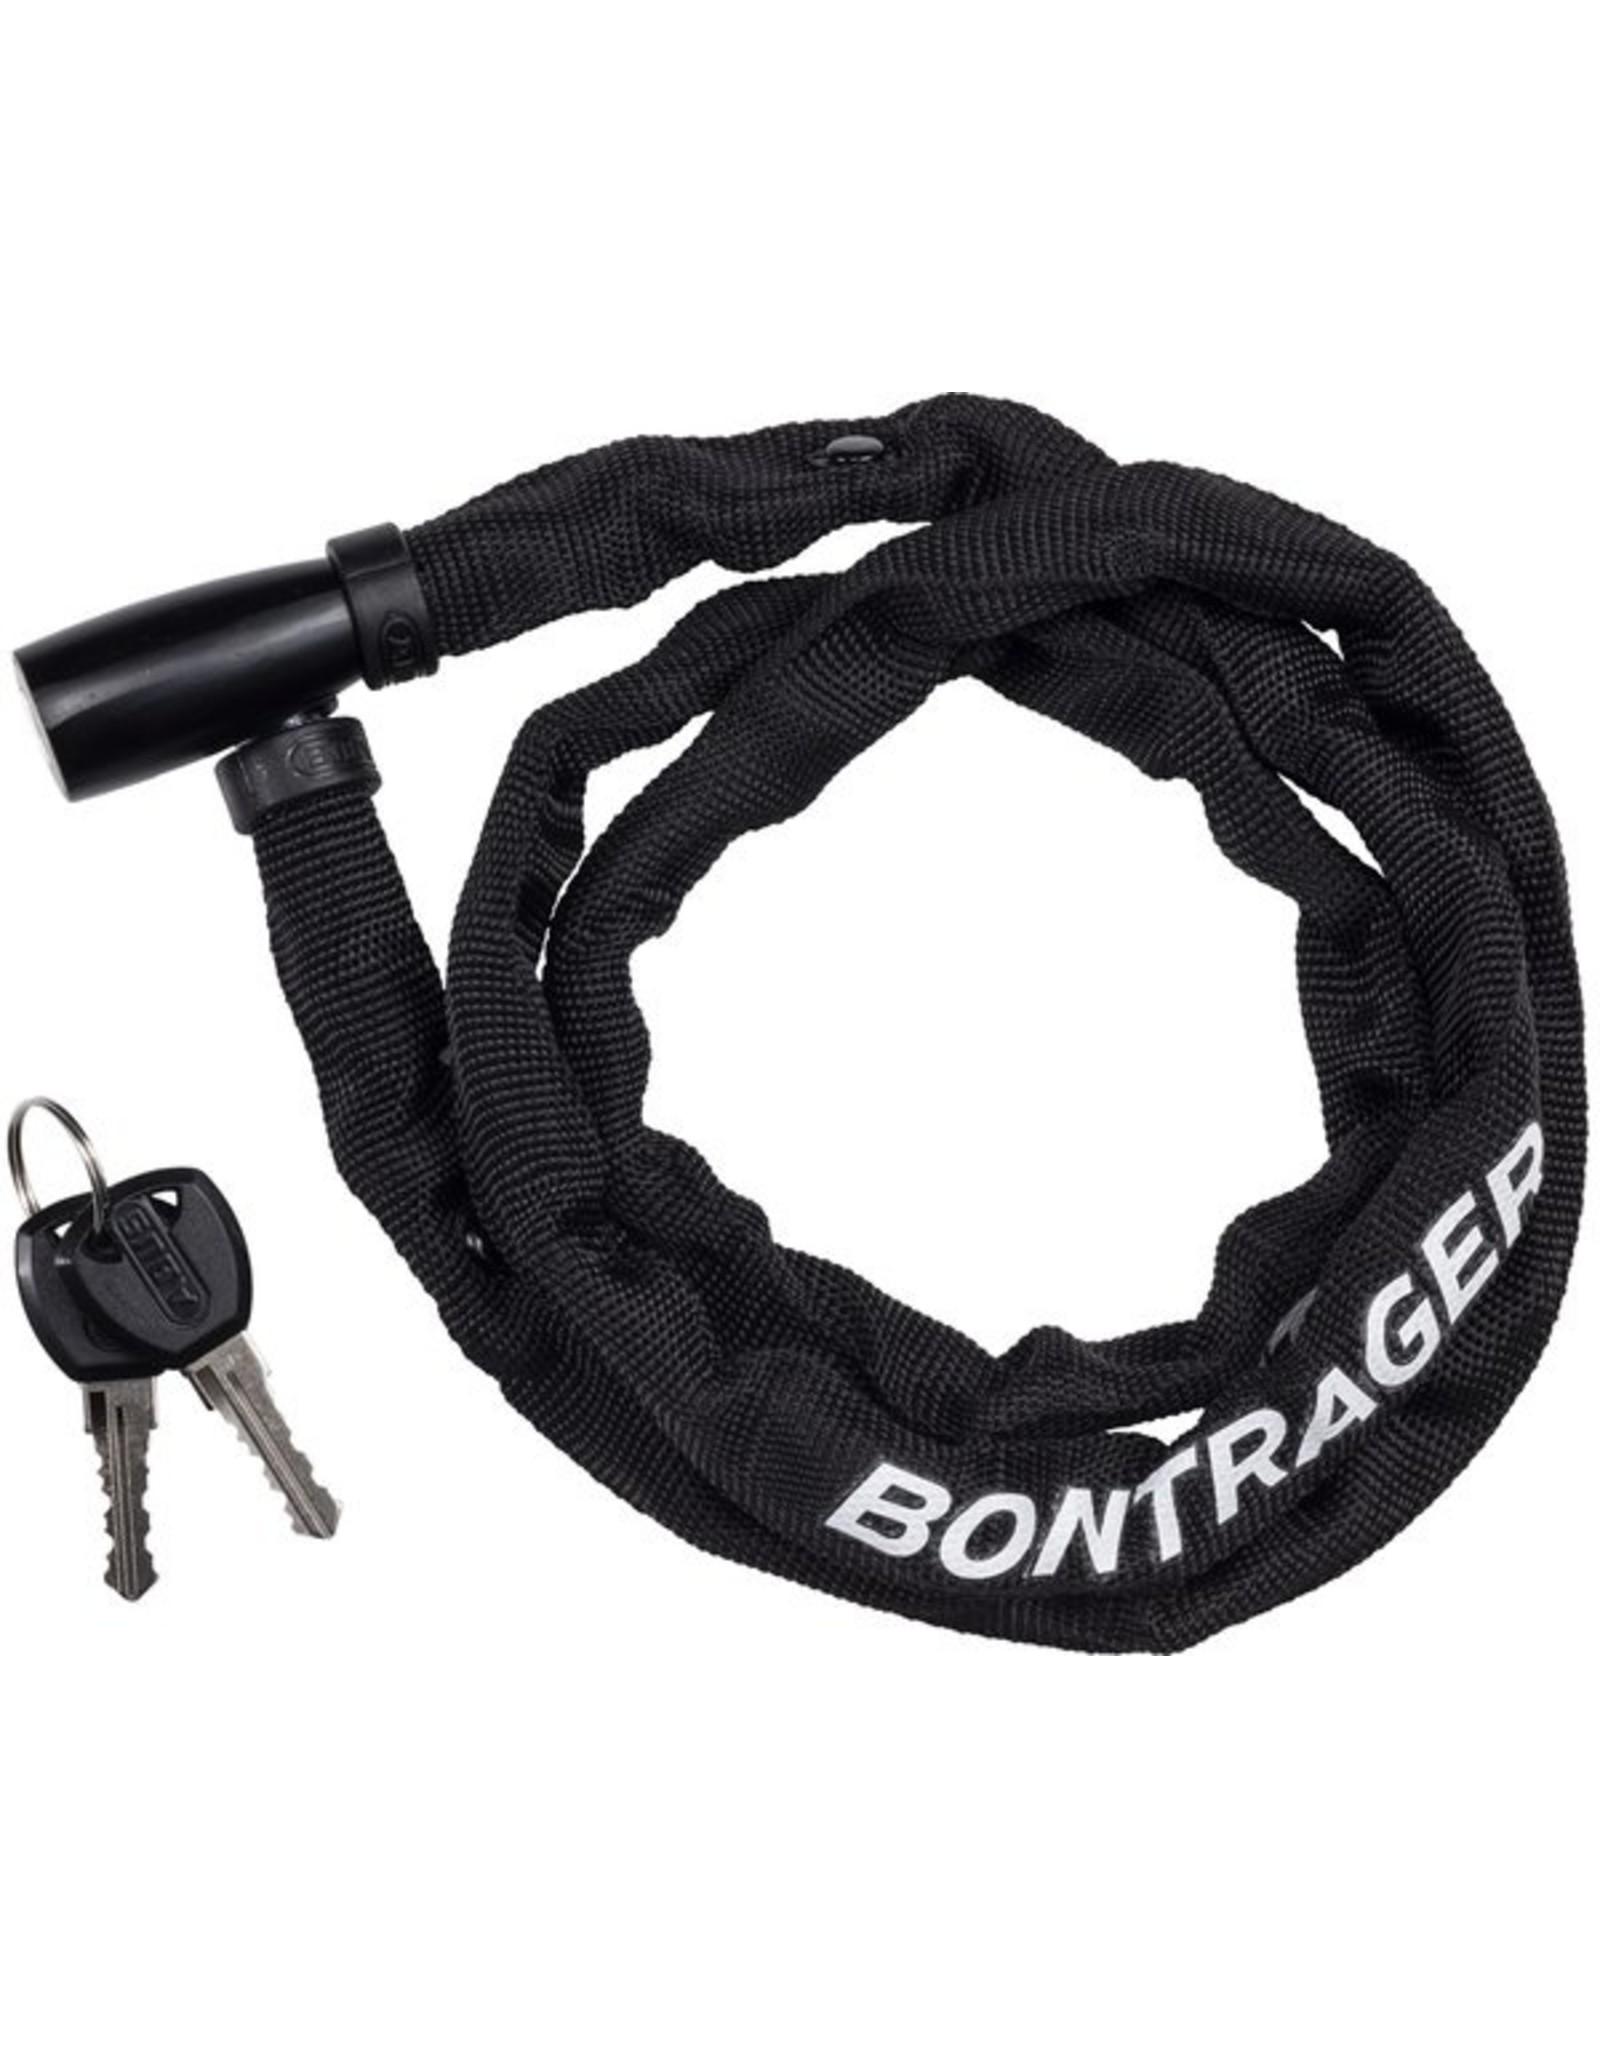 Bontrager LOCK BONTRAGER COMP KEYED CHAIN LOCK 60CM